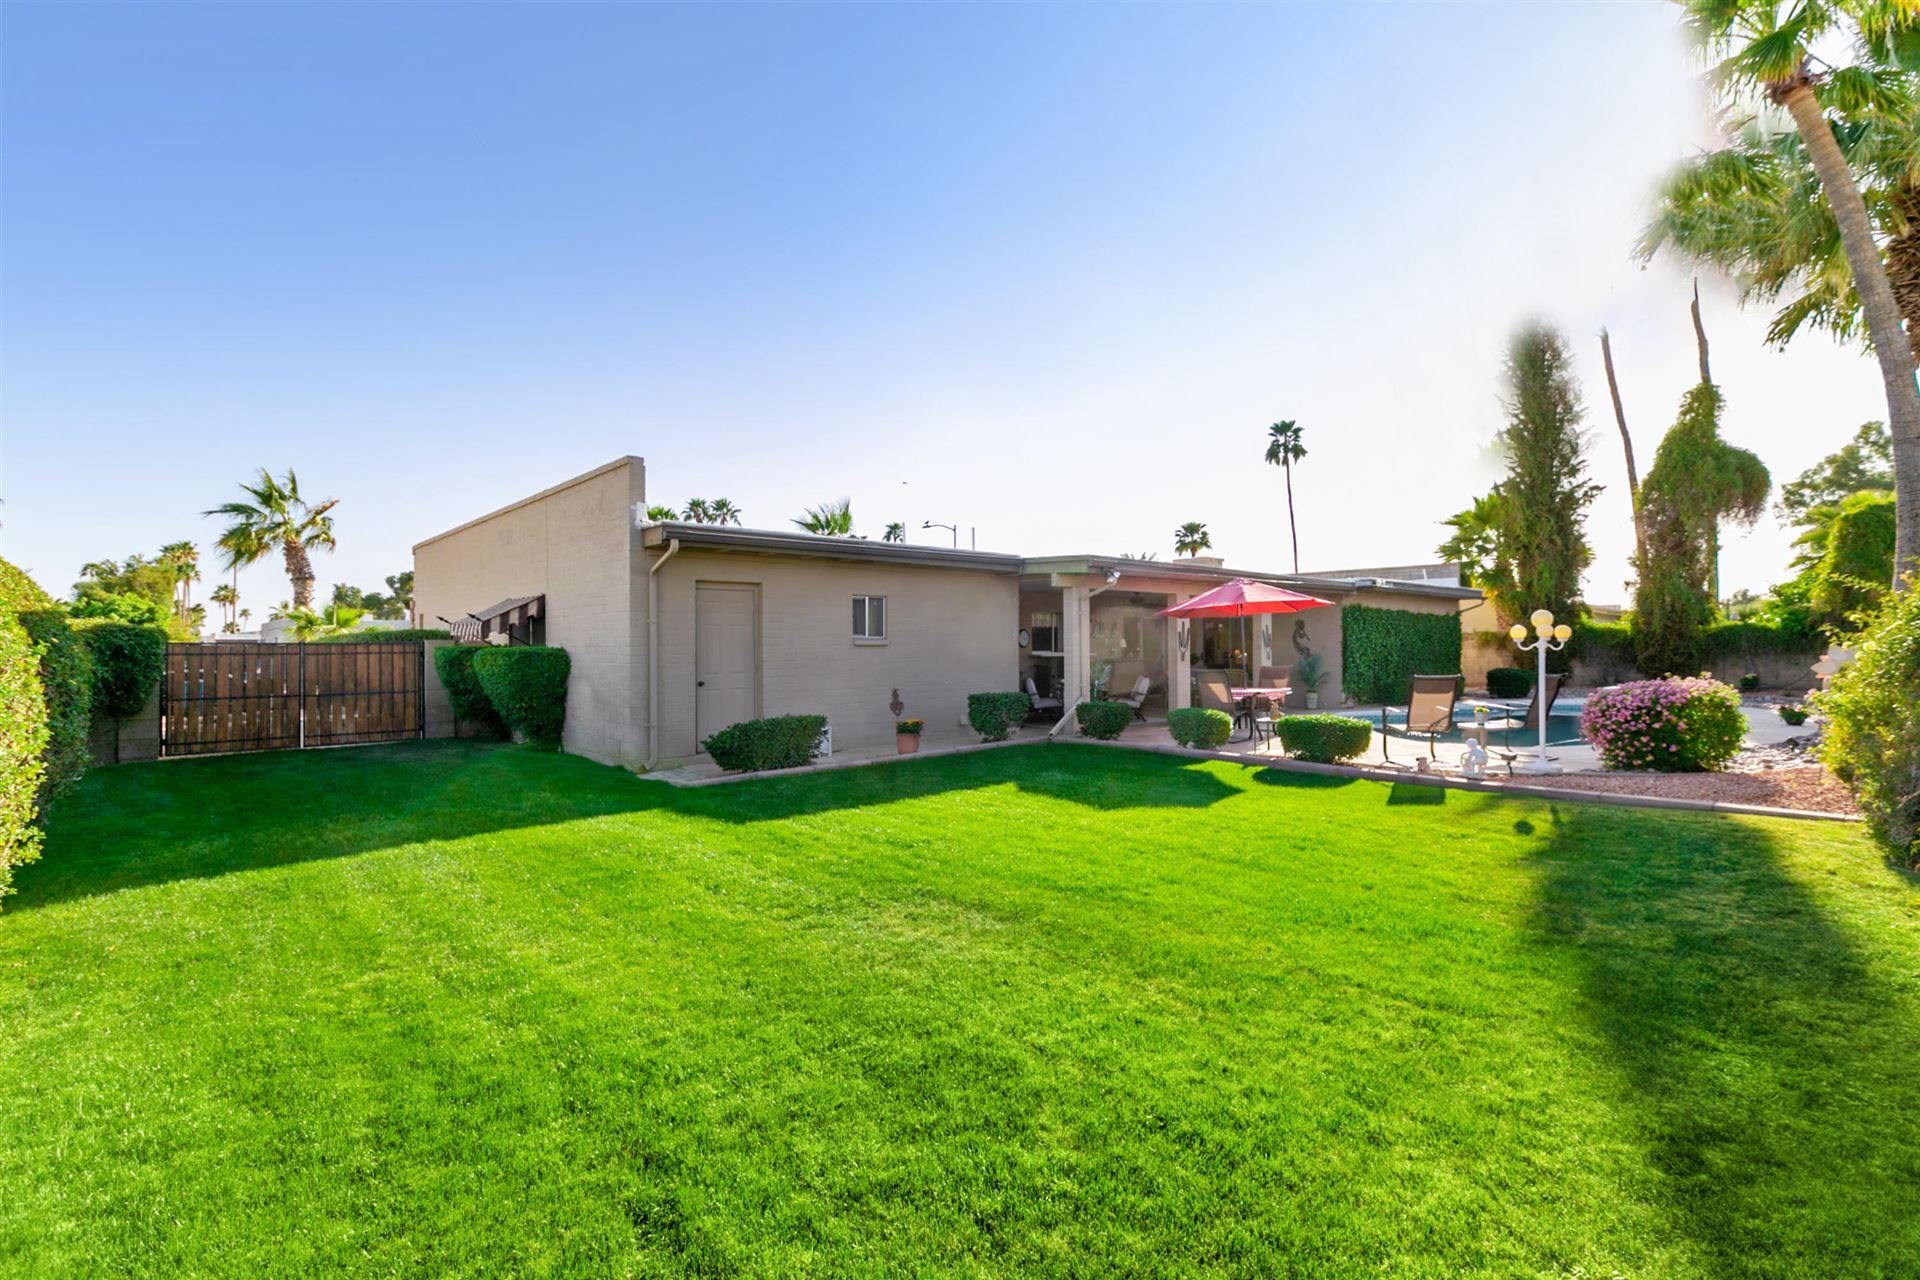 Photo of 6430 E SHARON Drive, Scottsdale, AZ 85254 (MLS # 6234216)